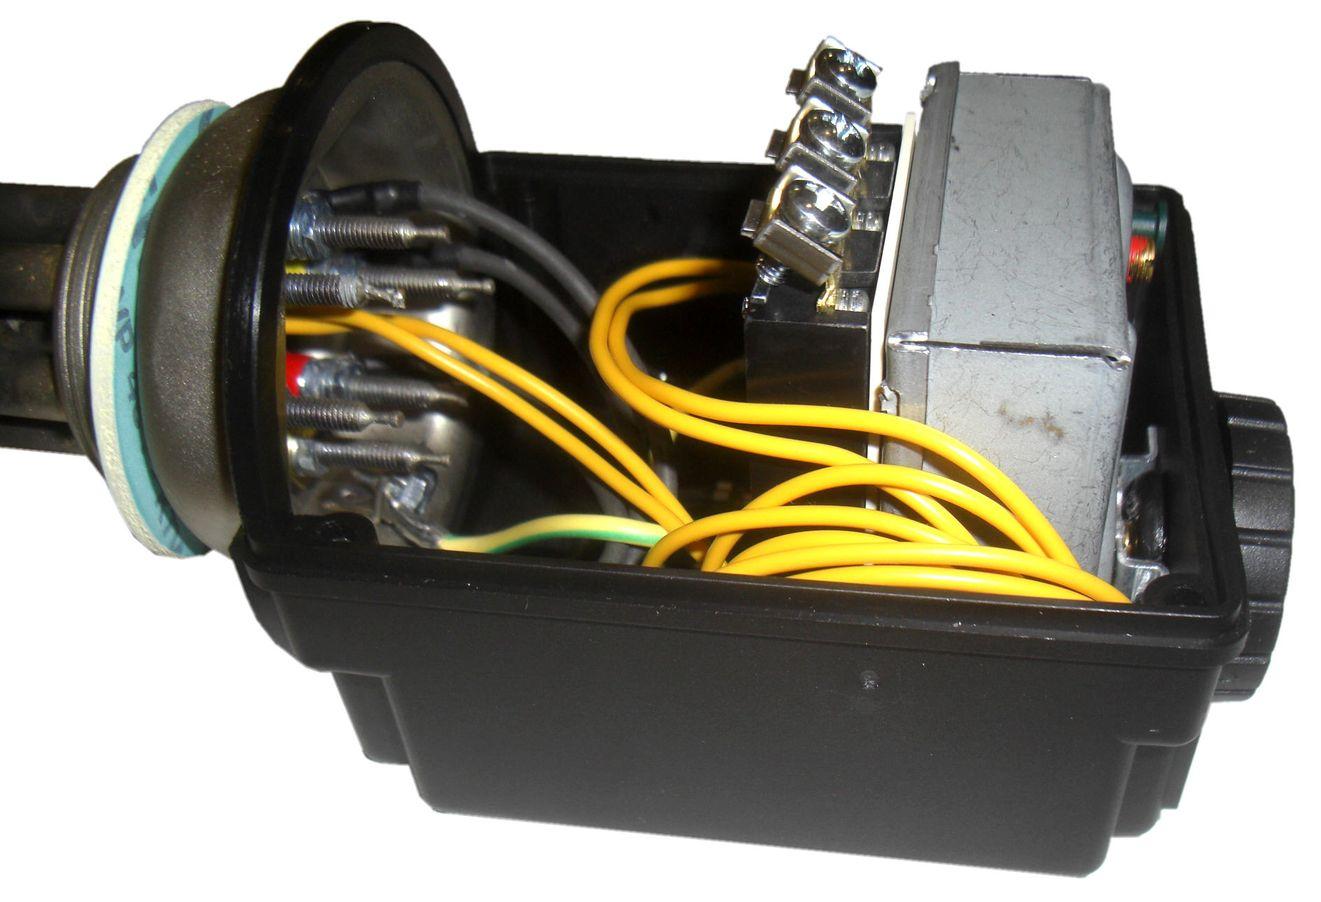 Vario-Heizer-PV variabler Elektroheizstab 0,5 - 3,5 kW Anschlüsse innen Edelstahl für Photovoltaik und Heizungen Killus-Technik.de